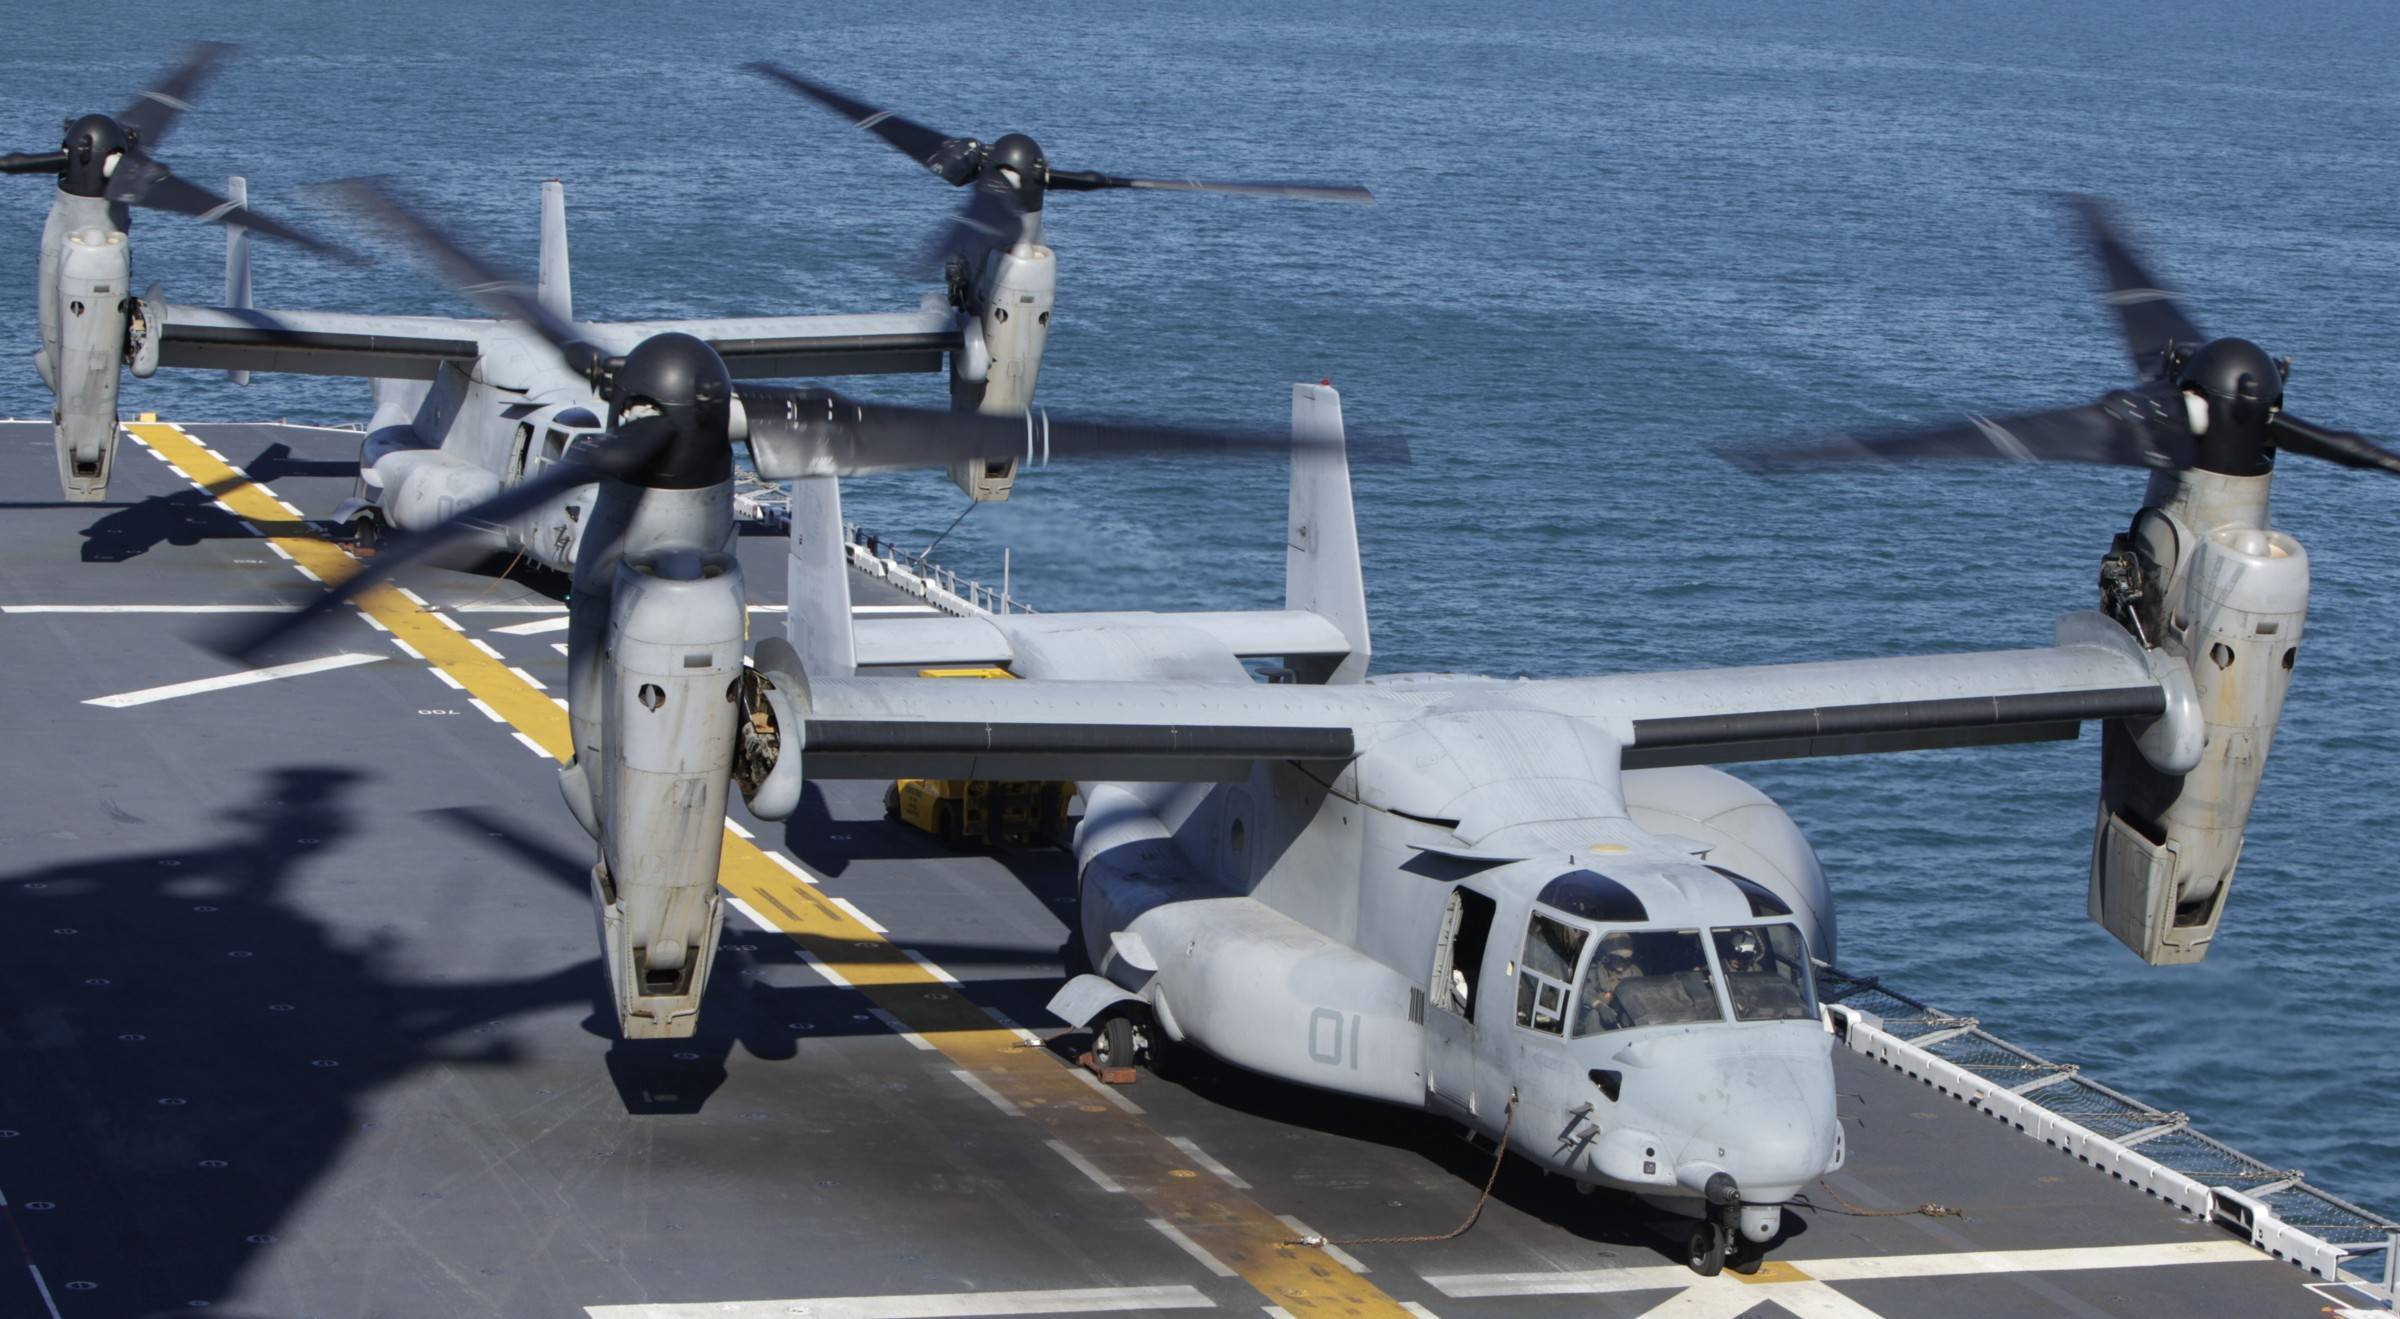 Bell v-22 osprey — википедия. что такое bell v-22 osprey